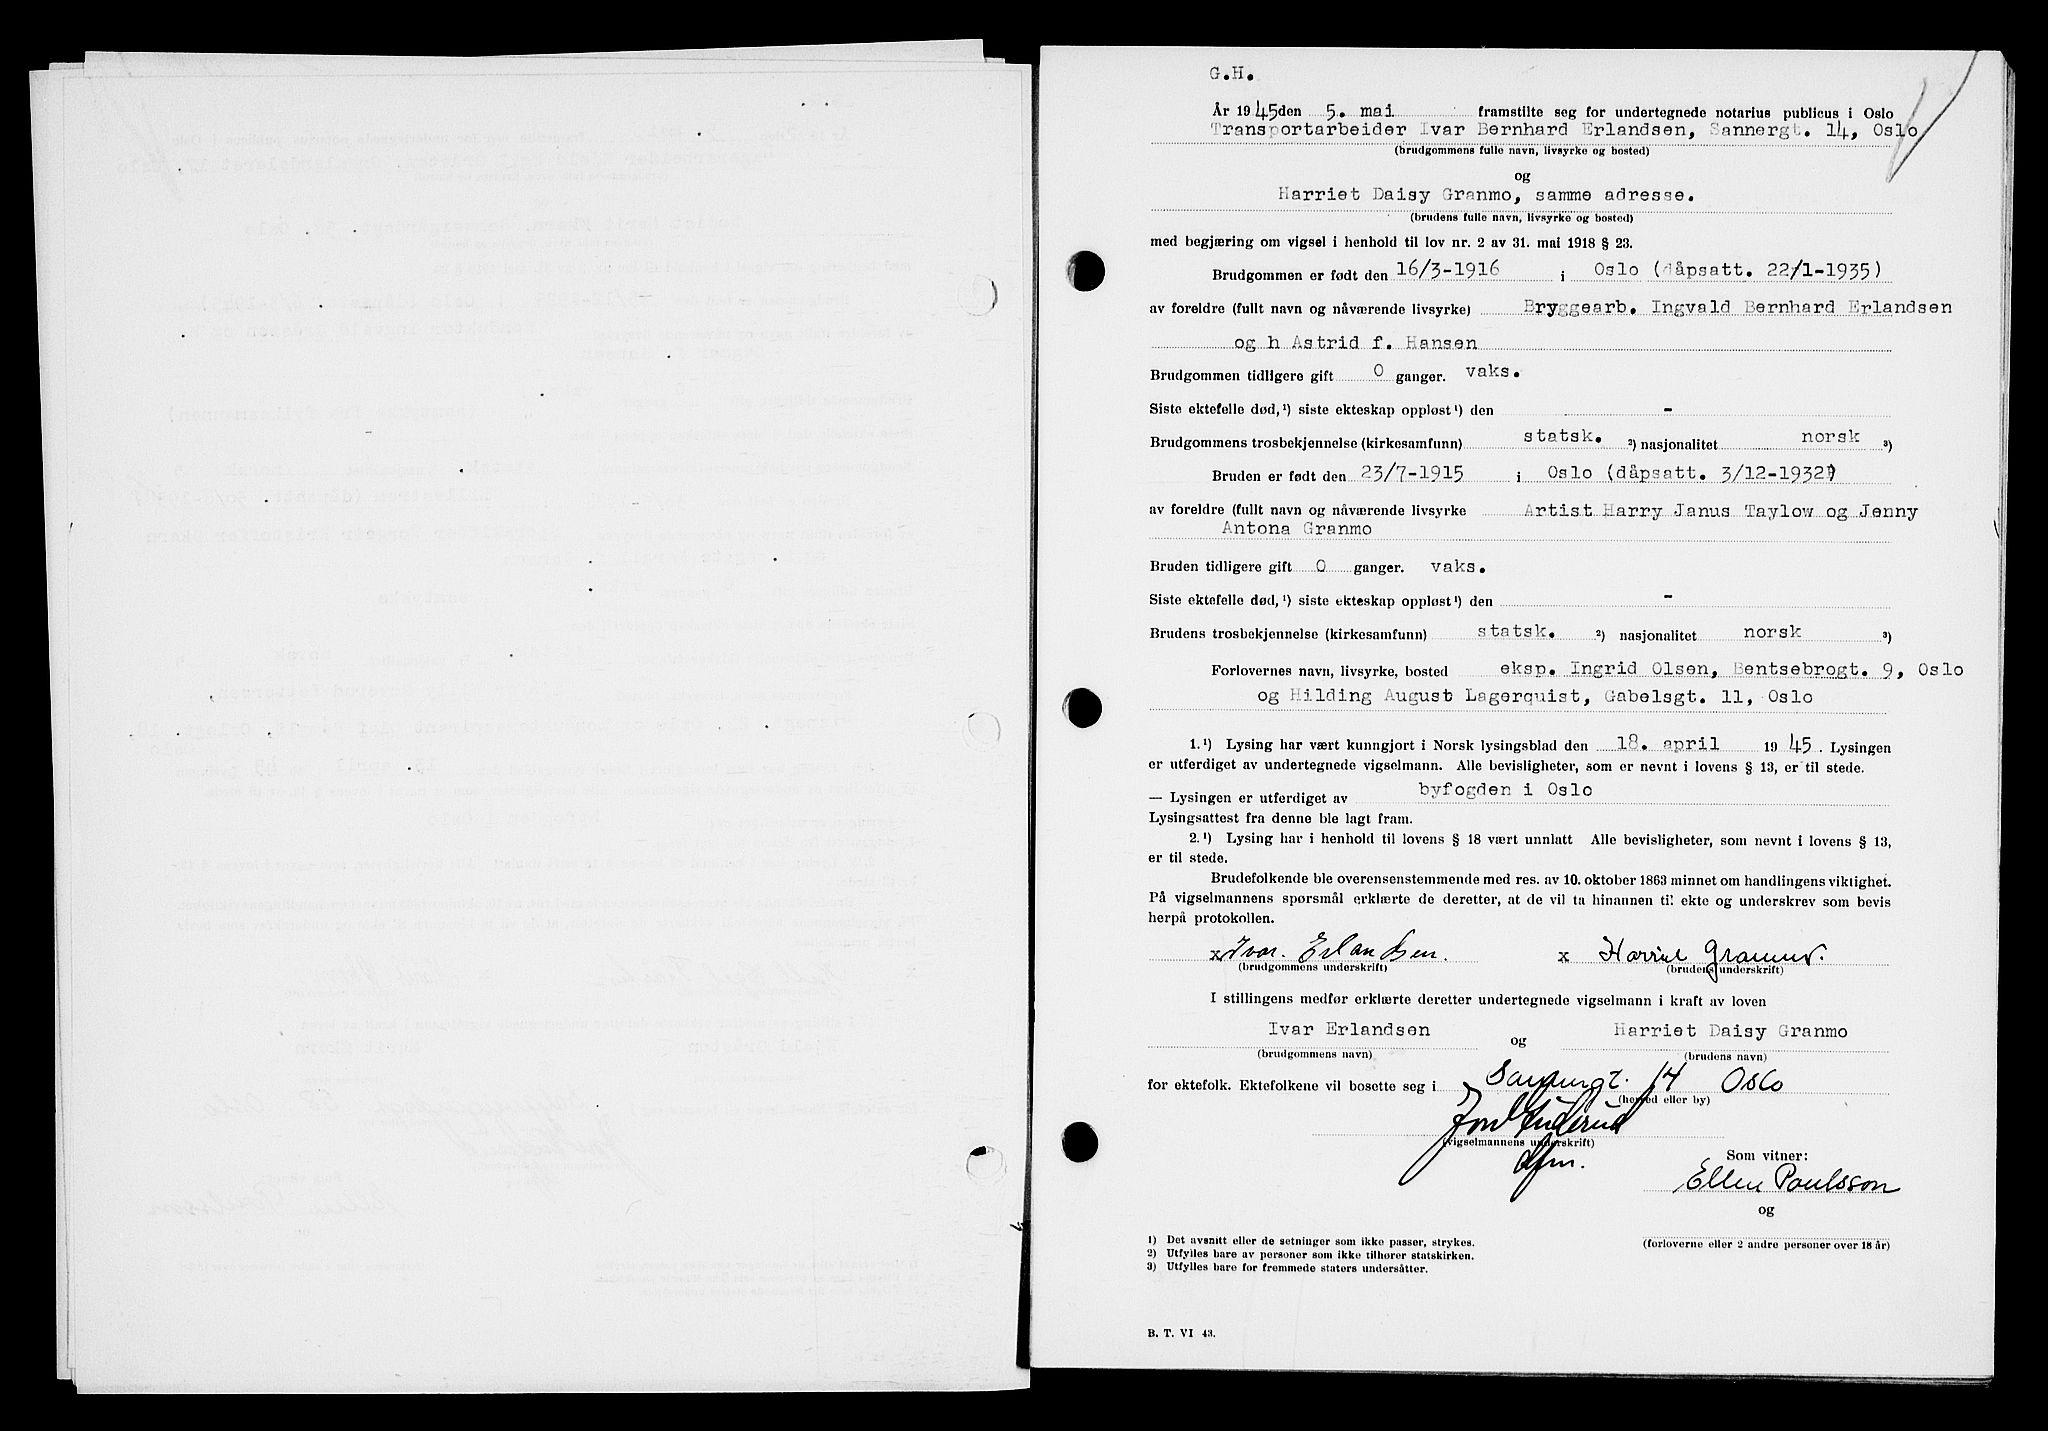 publicus notarius oslo